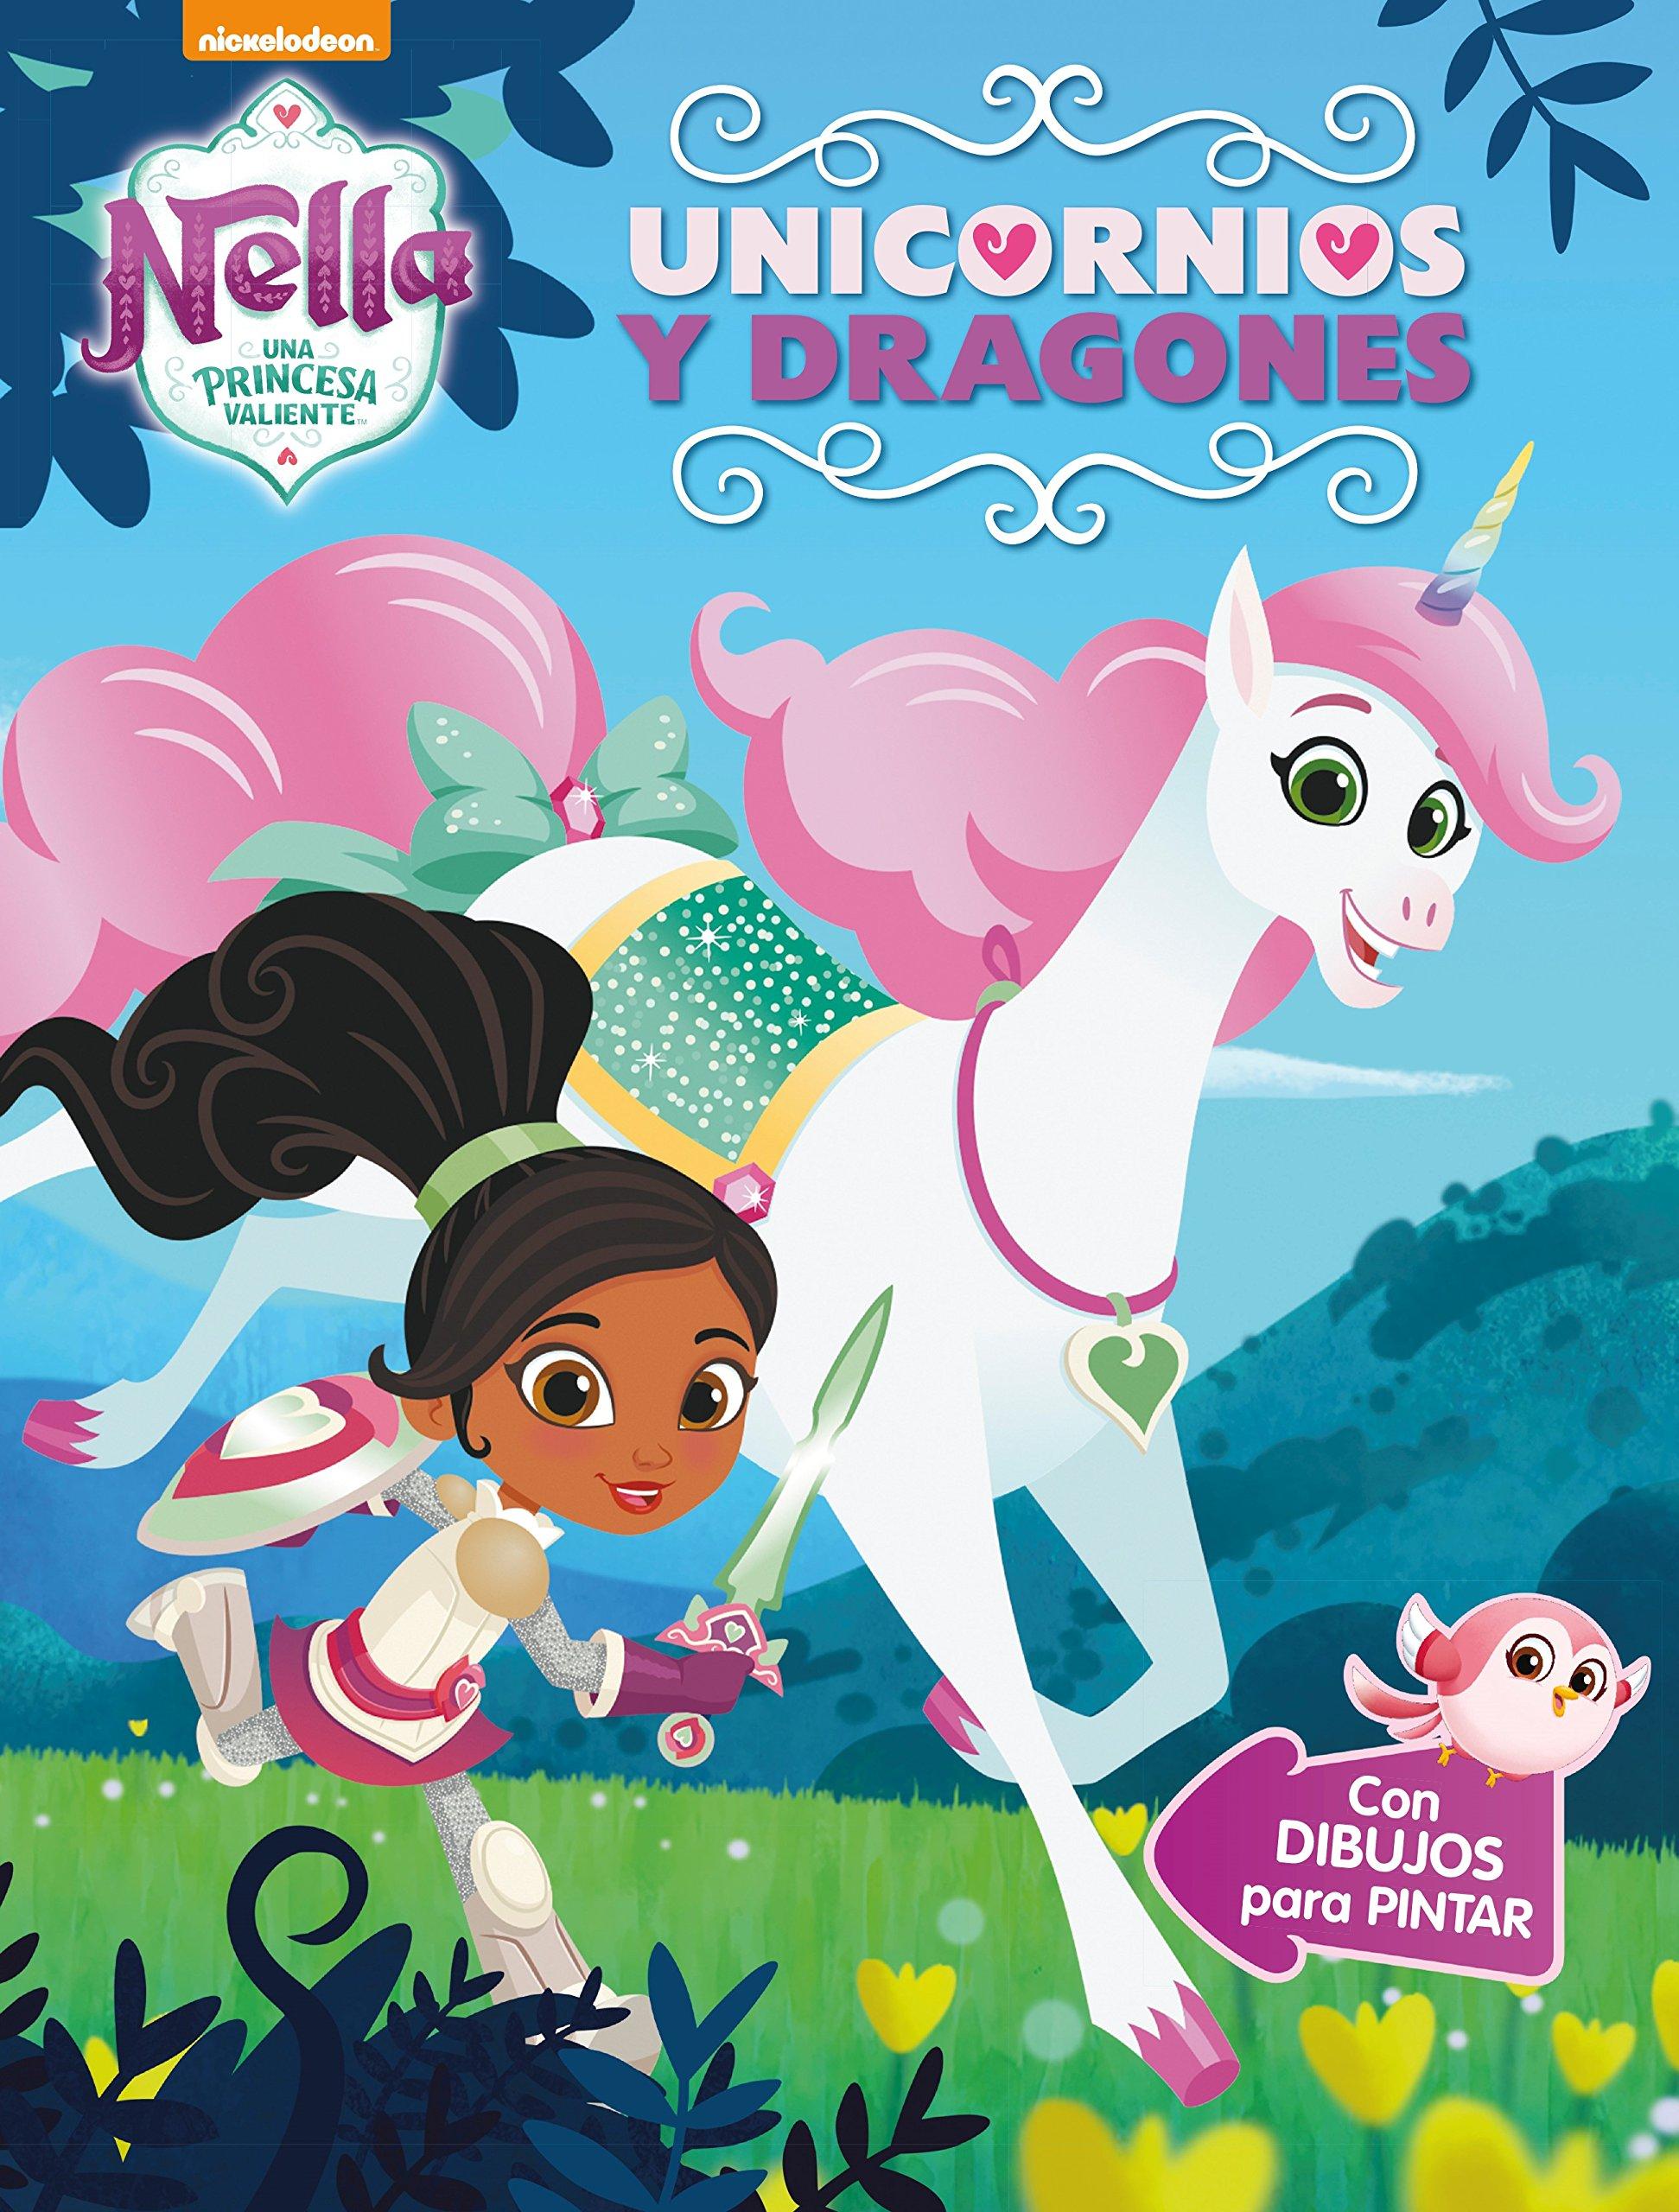 Amazon Fr Unicornios Y Dragones Nella Una Princesa Valiente